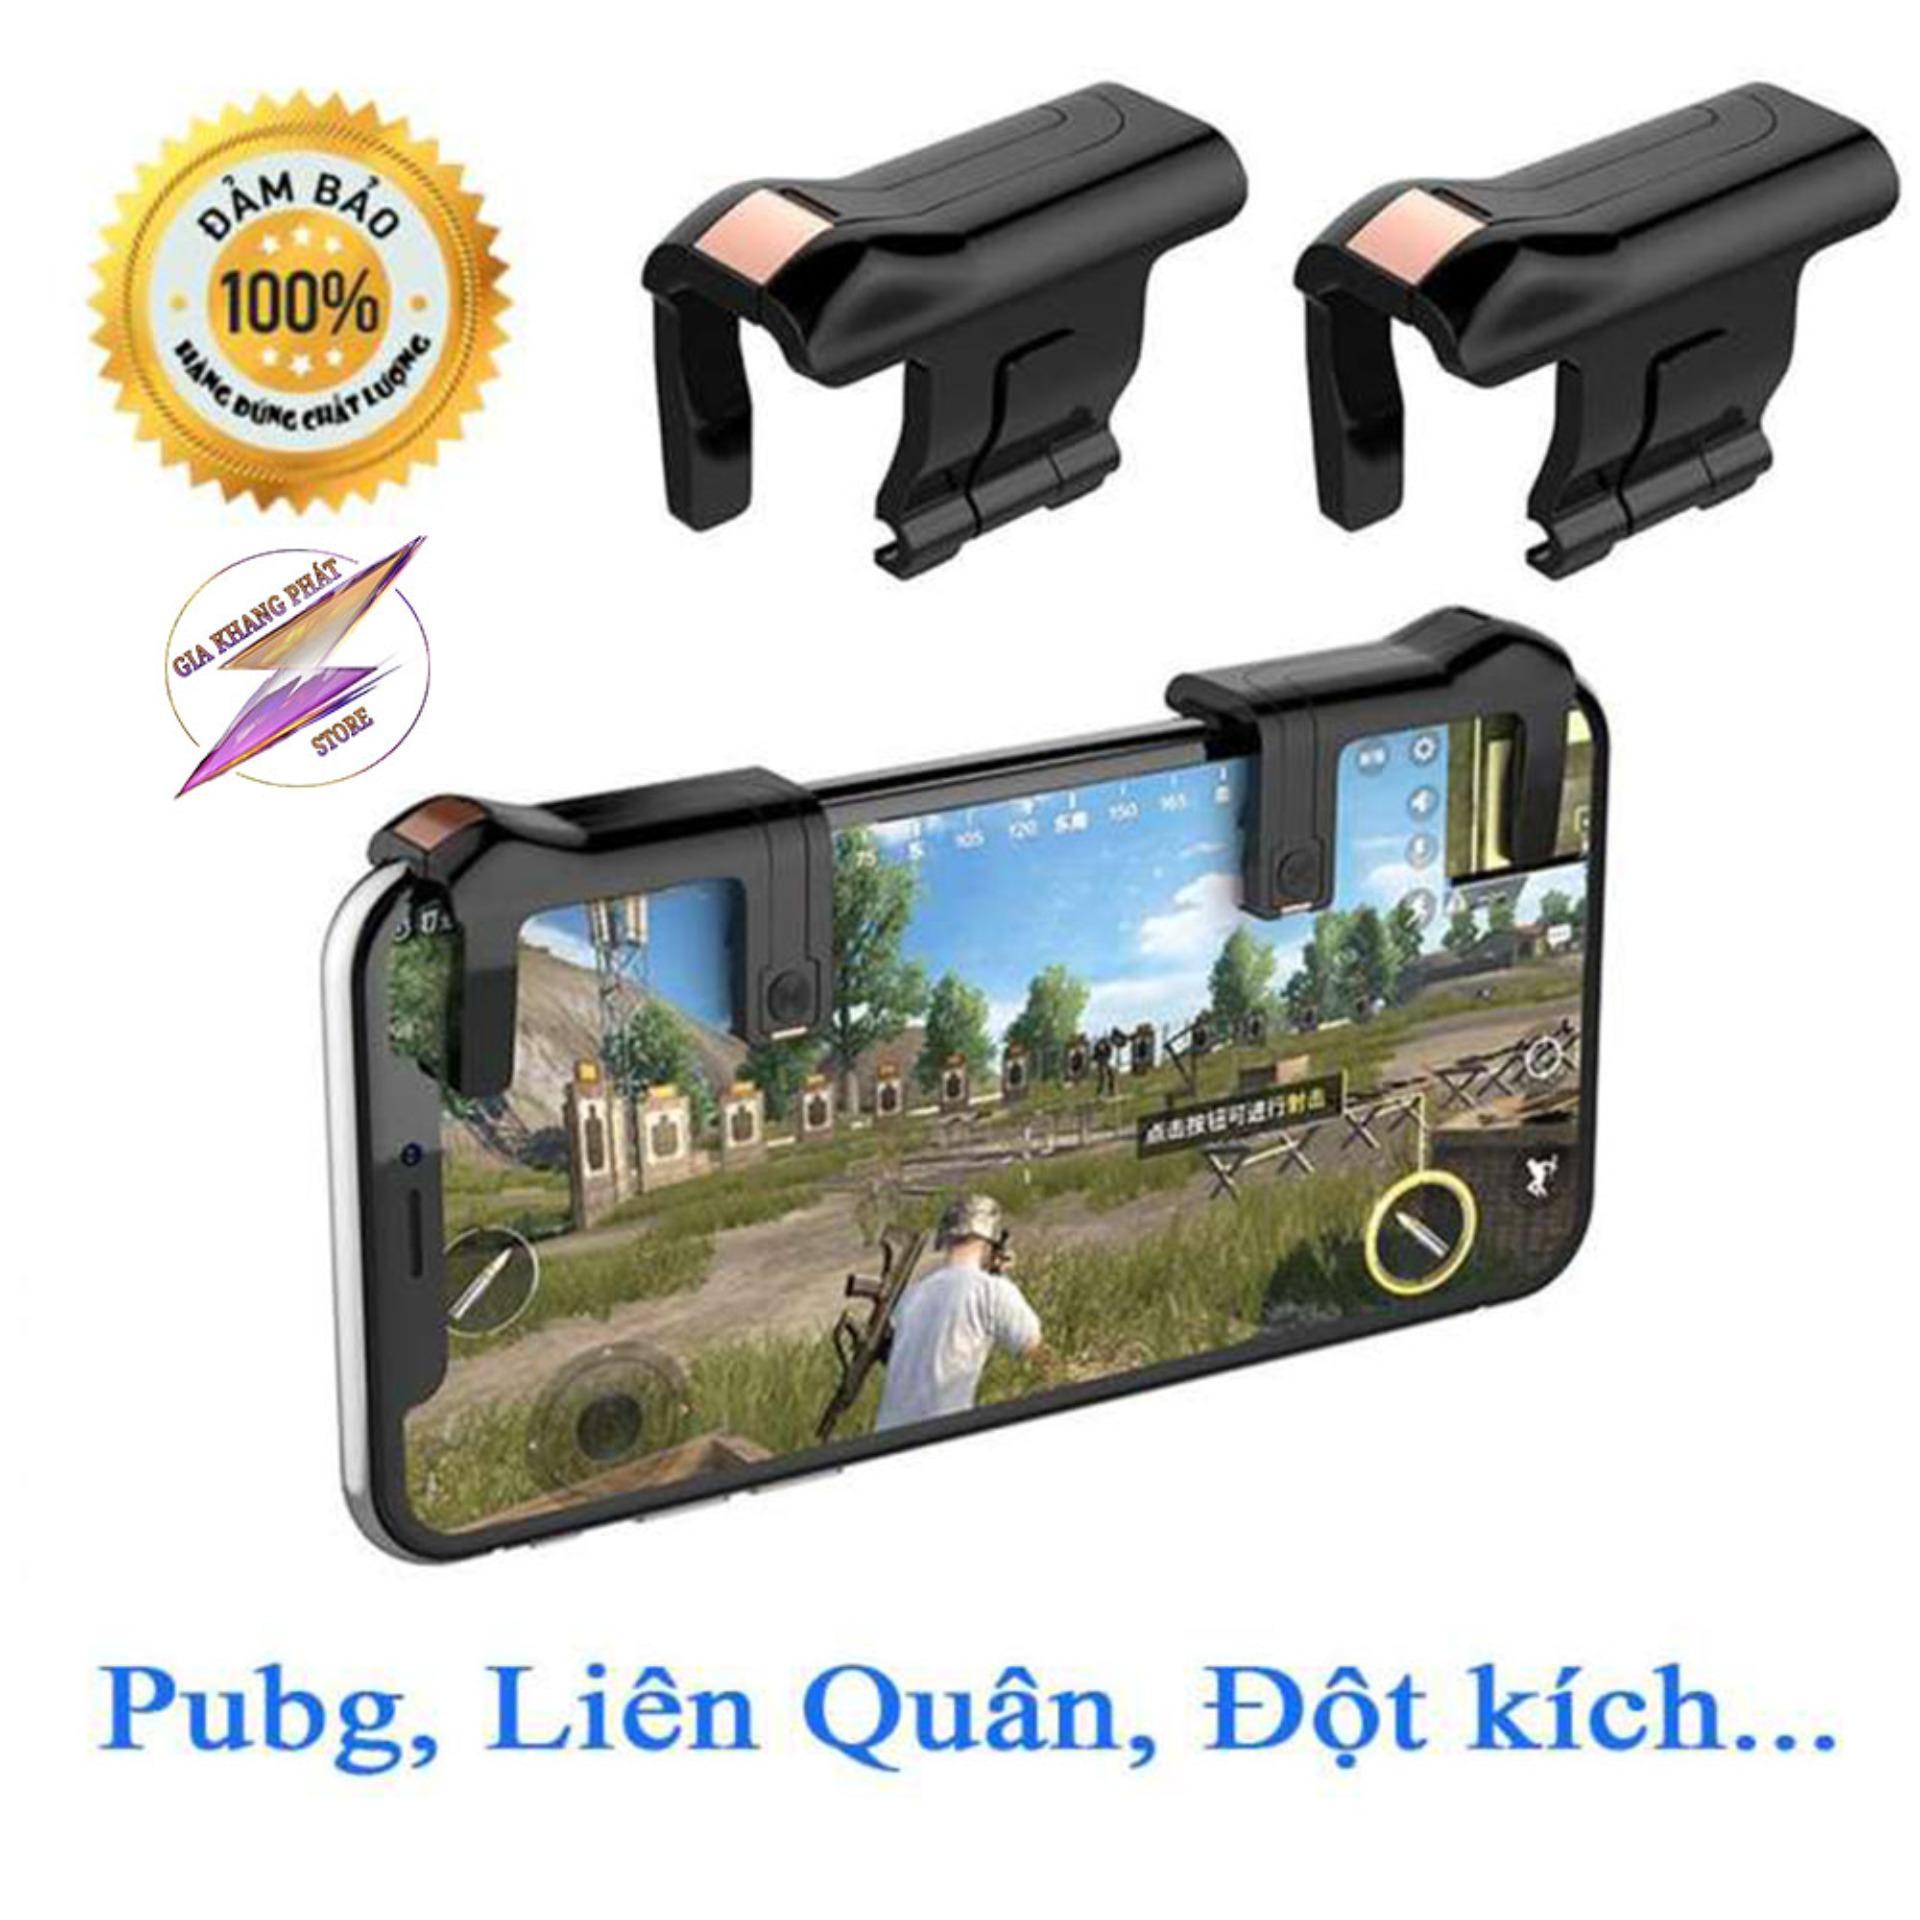 Hình ảnh Nút chơi game Pubg, Liên Quân, Đột kích, Ros GKPGT01